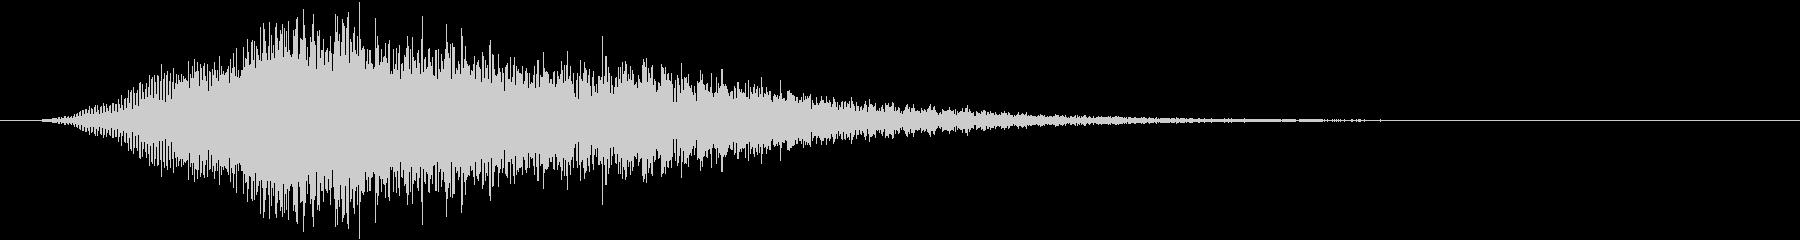 音楽:不気味な下降ホーンスティンガ...の未再生の波形